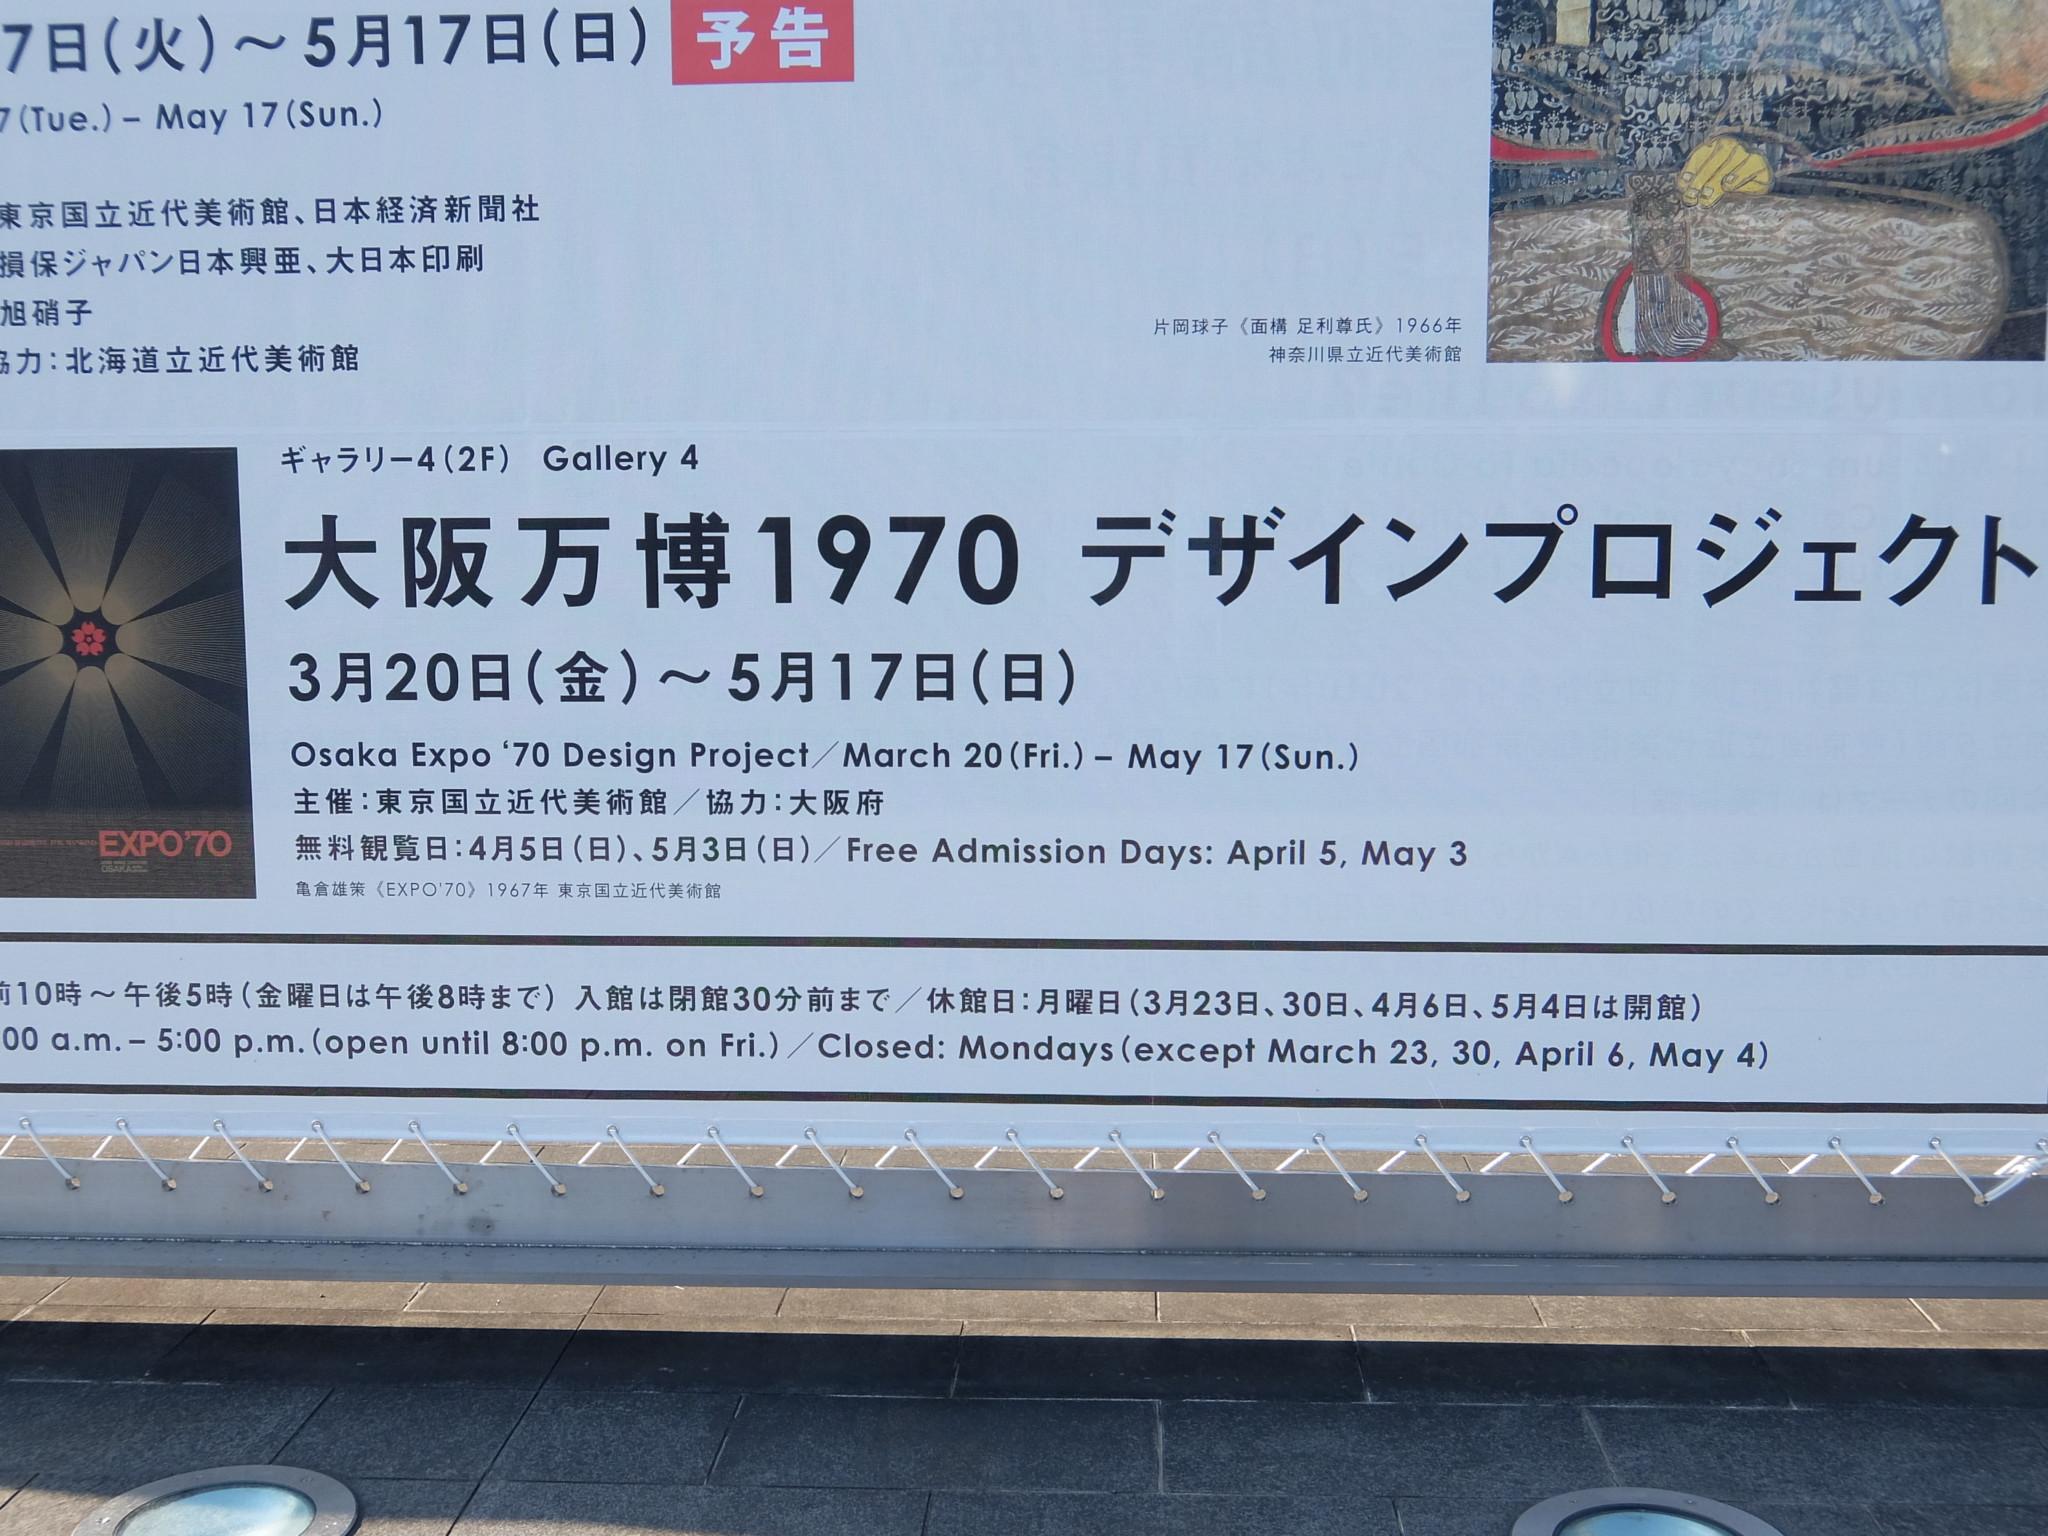 大阪万博1970 デザインプロジェクト